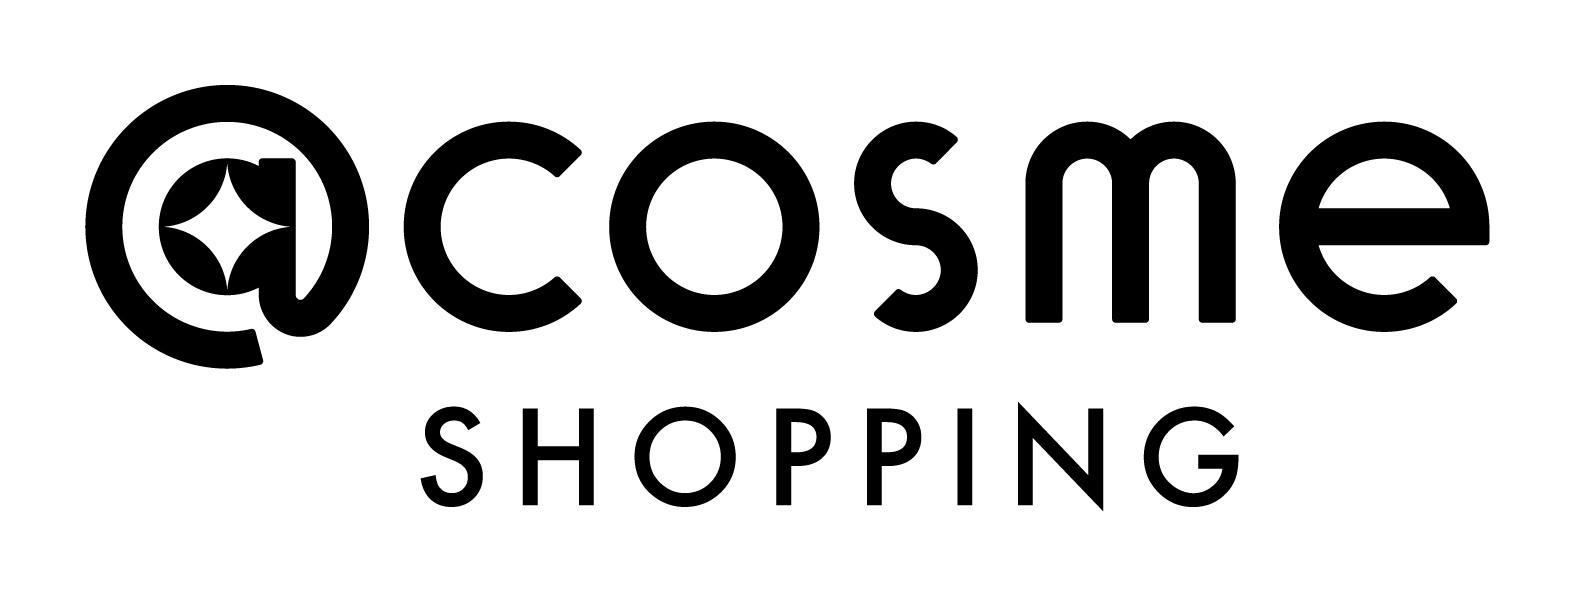 @cosme shoppingにて商品取扱い開始